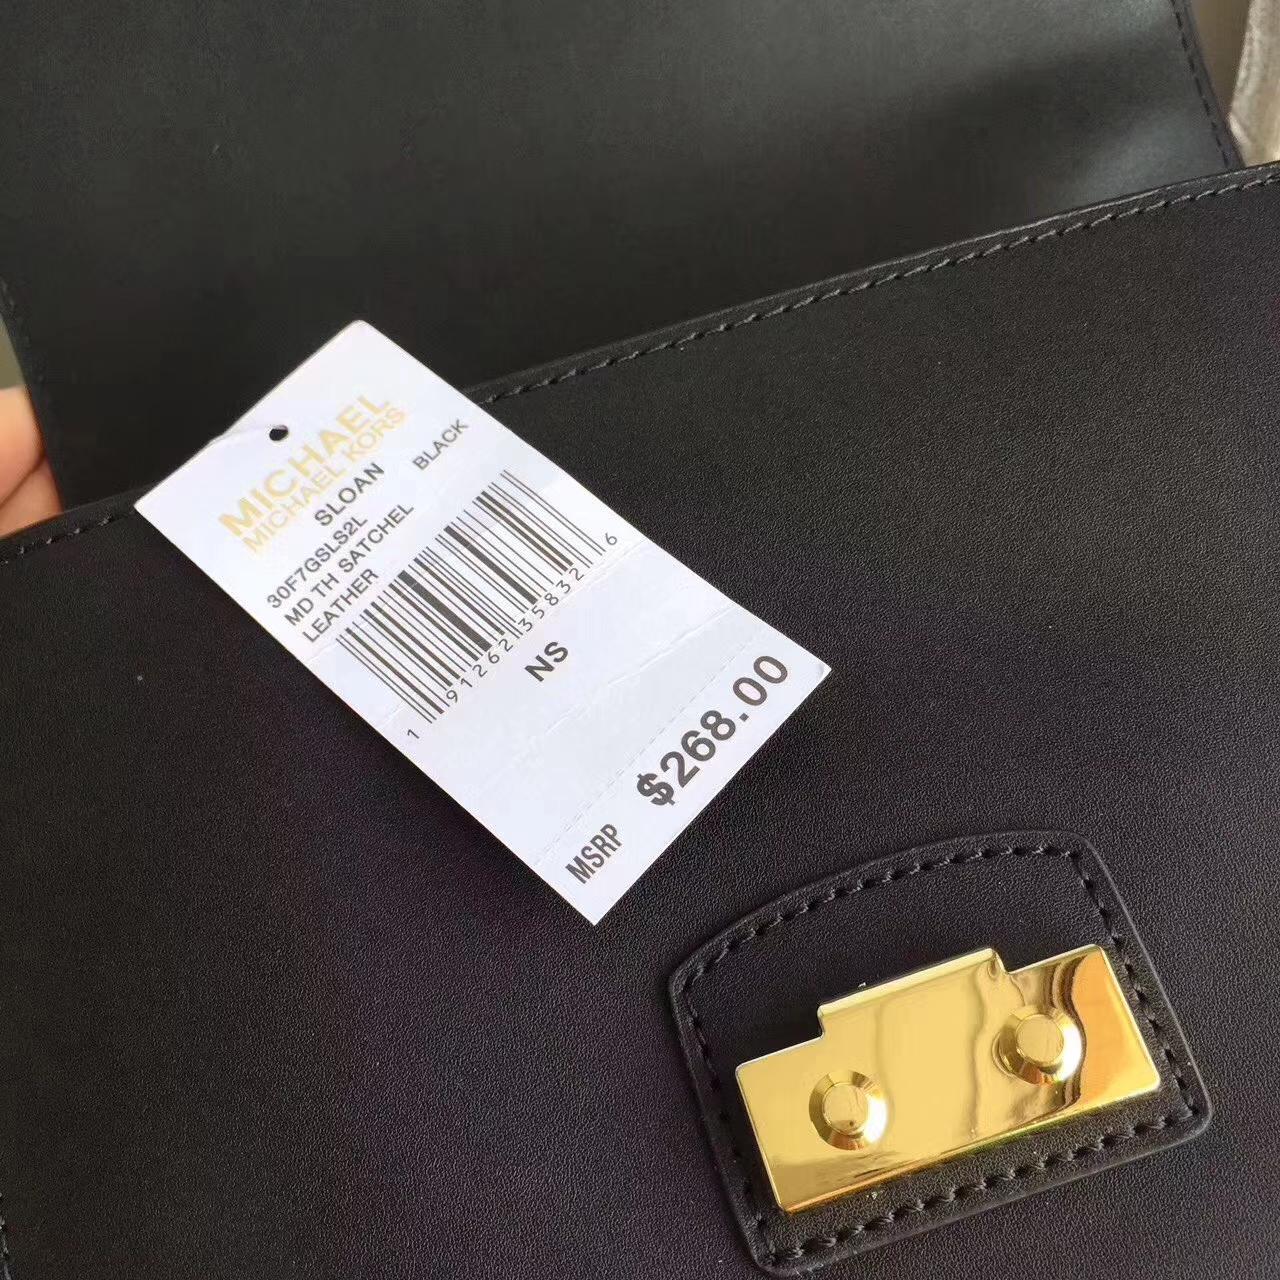 迈克科尔斯包包 MK17年新款黑色纳帕牛皮手提包单肩斜挎包24cm